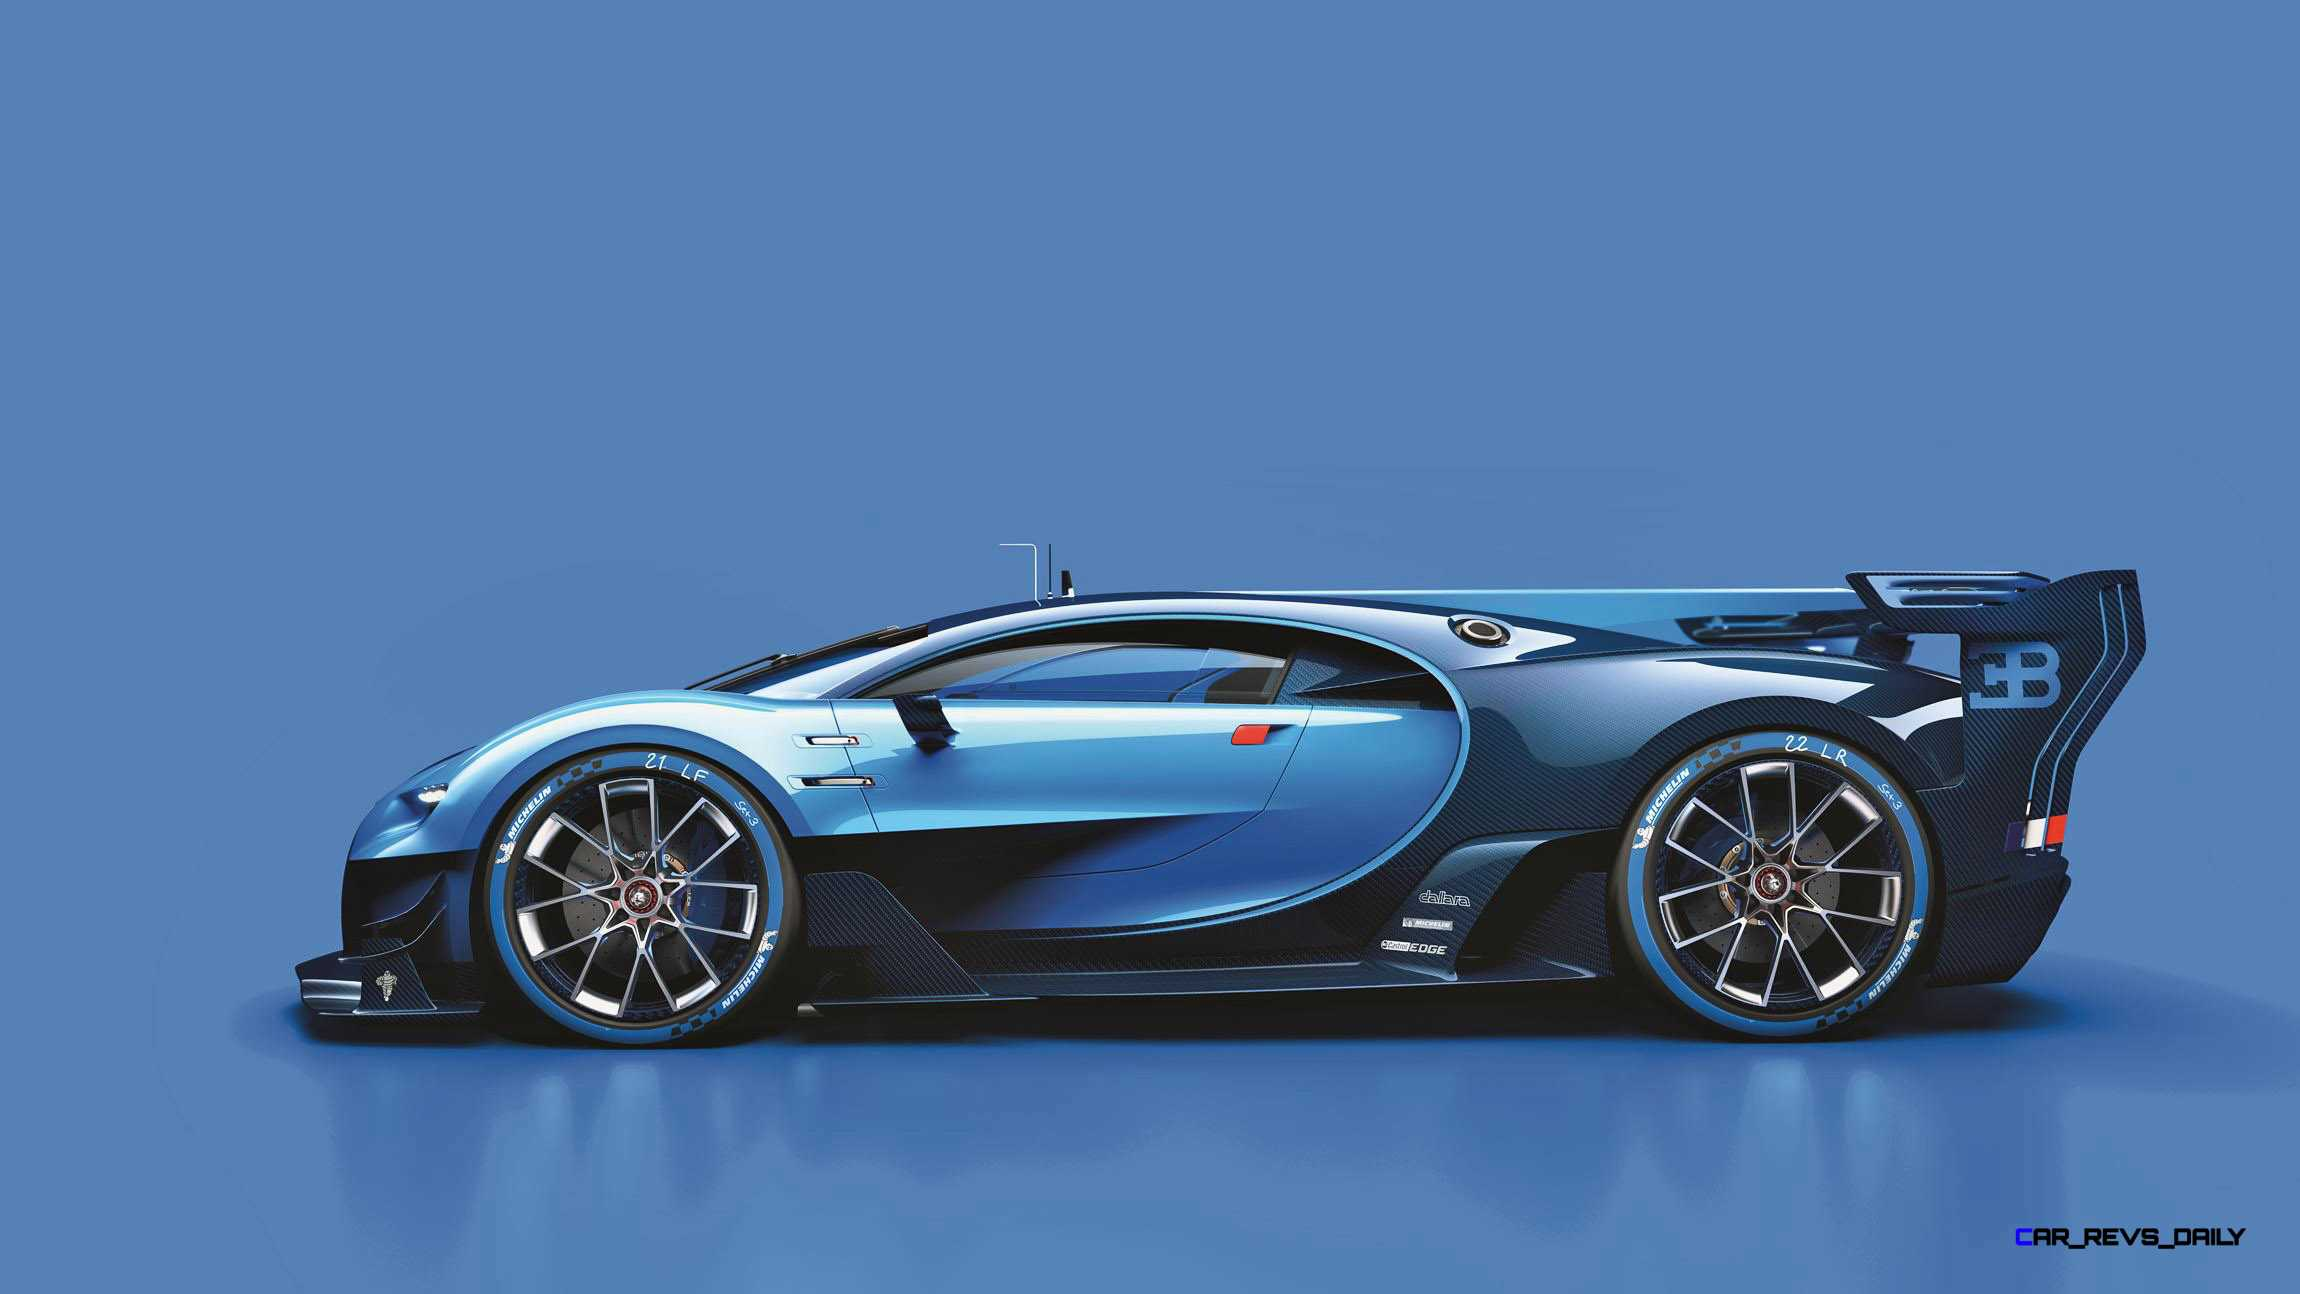 2015-Bugatti-Vision-Gran-Turismo-2 Fascinating Gran Turismo Psp Bugatti Veyron Price Cars Trend